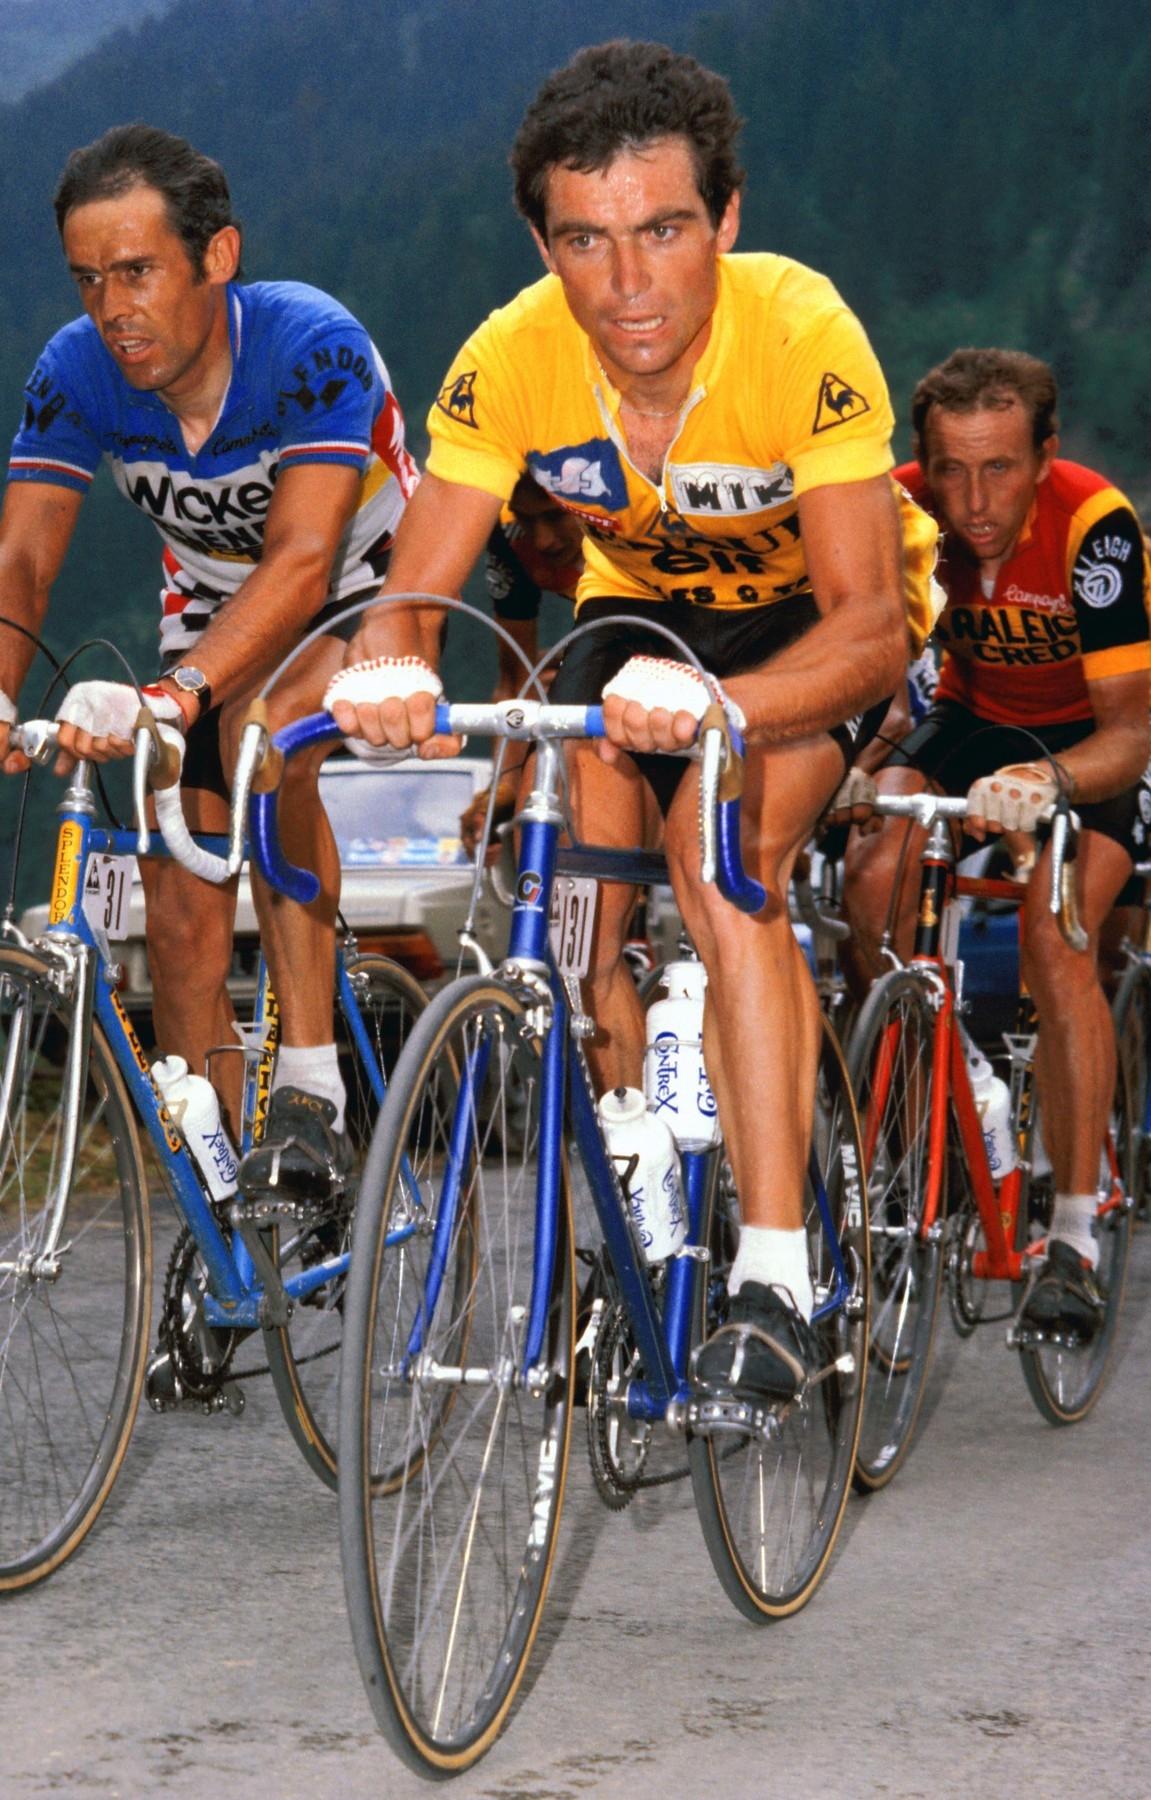 Bernard Hinault na čele skupiny při Tour de France. Zcela vpravo Zoetemelk, vítěz ročníku 1980. Foto: profimedia